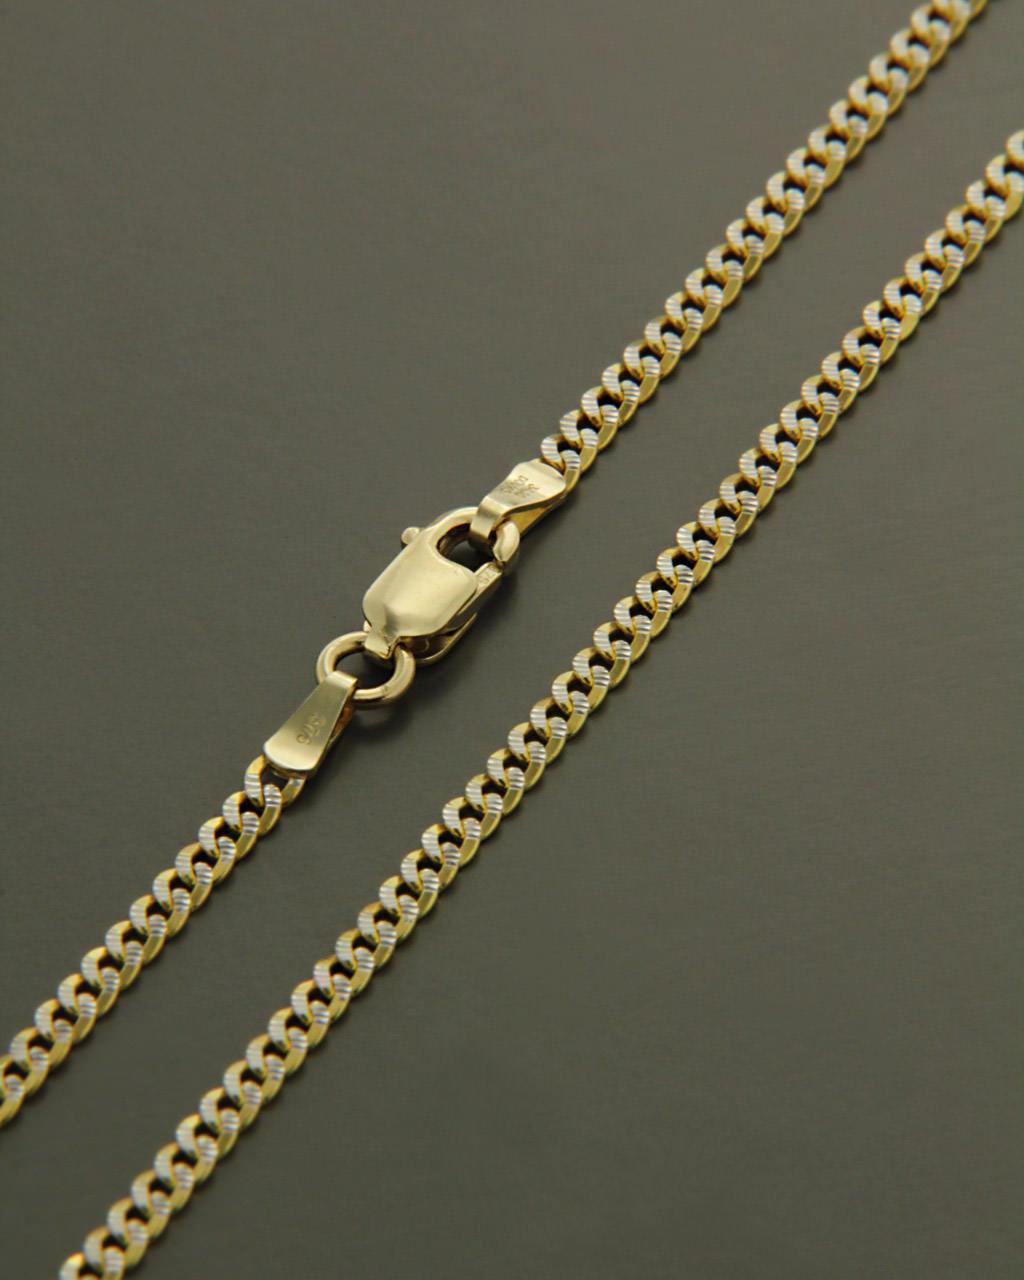 Αλυσίδα λαιμού χρυσή Κ14 ΓΚ/050K 50cm   παιδι αλυσίδες λαιμού αλυσίδες χρυσές